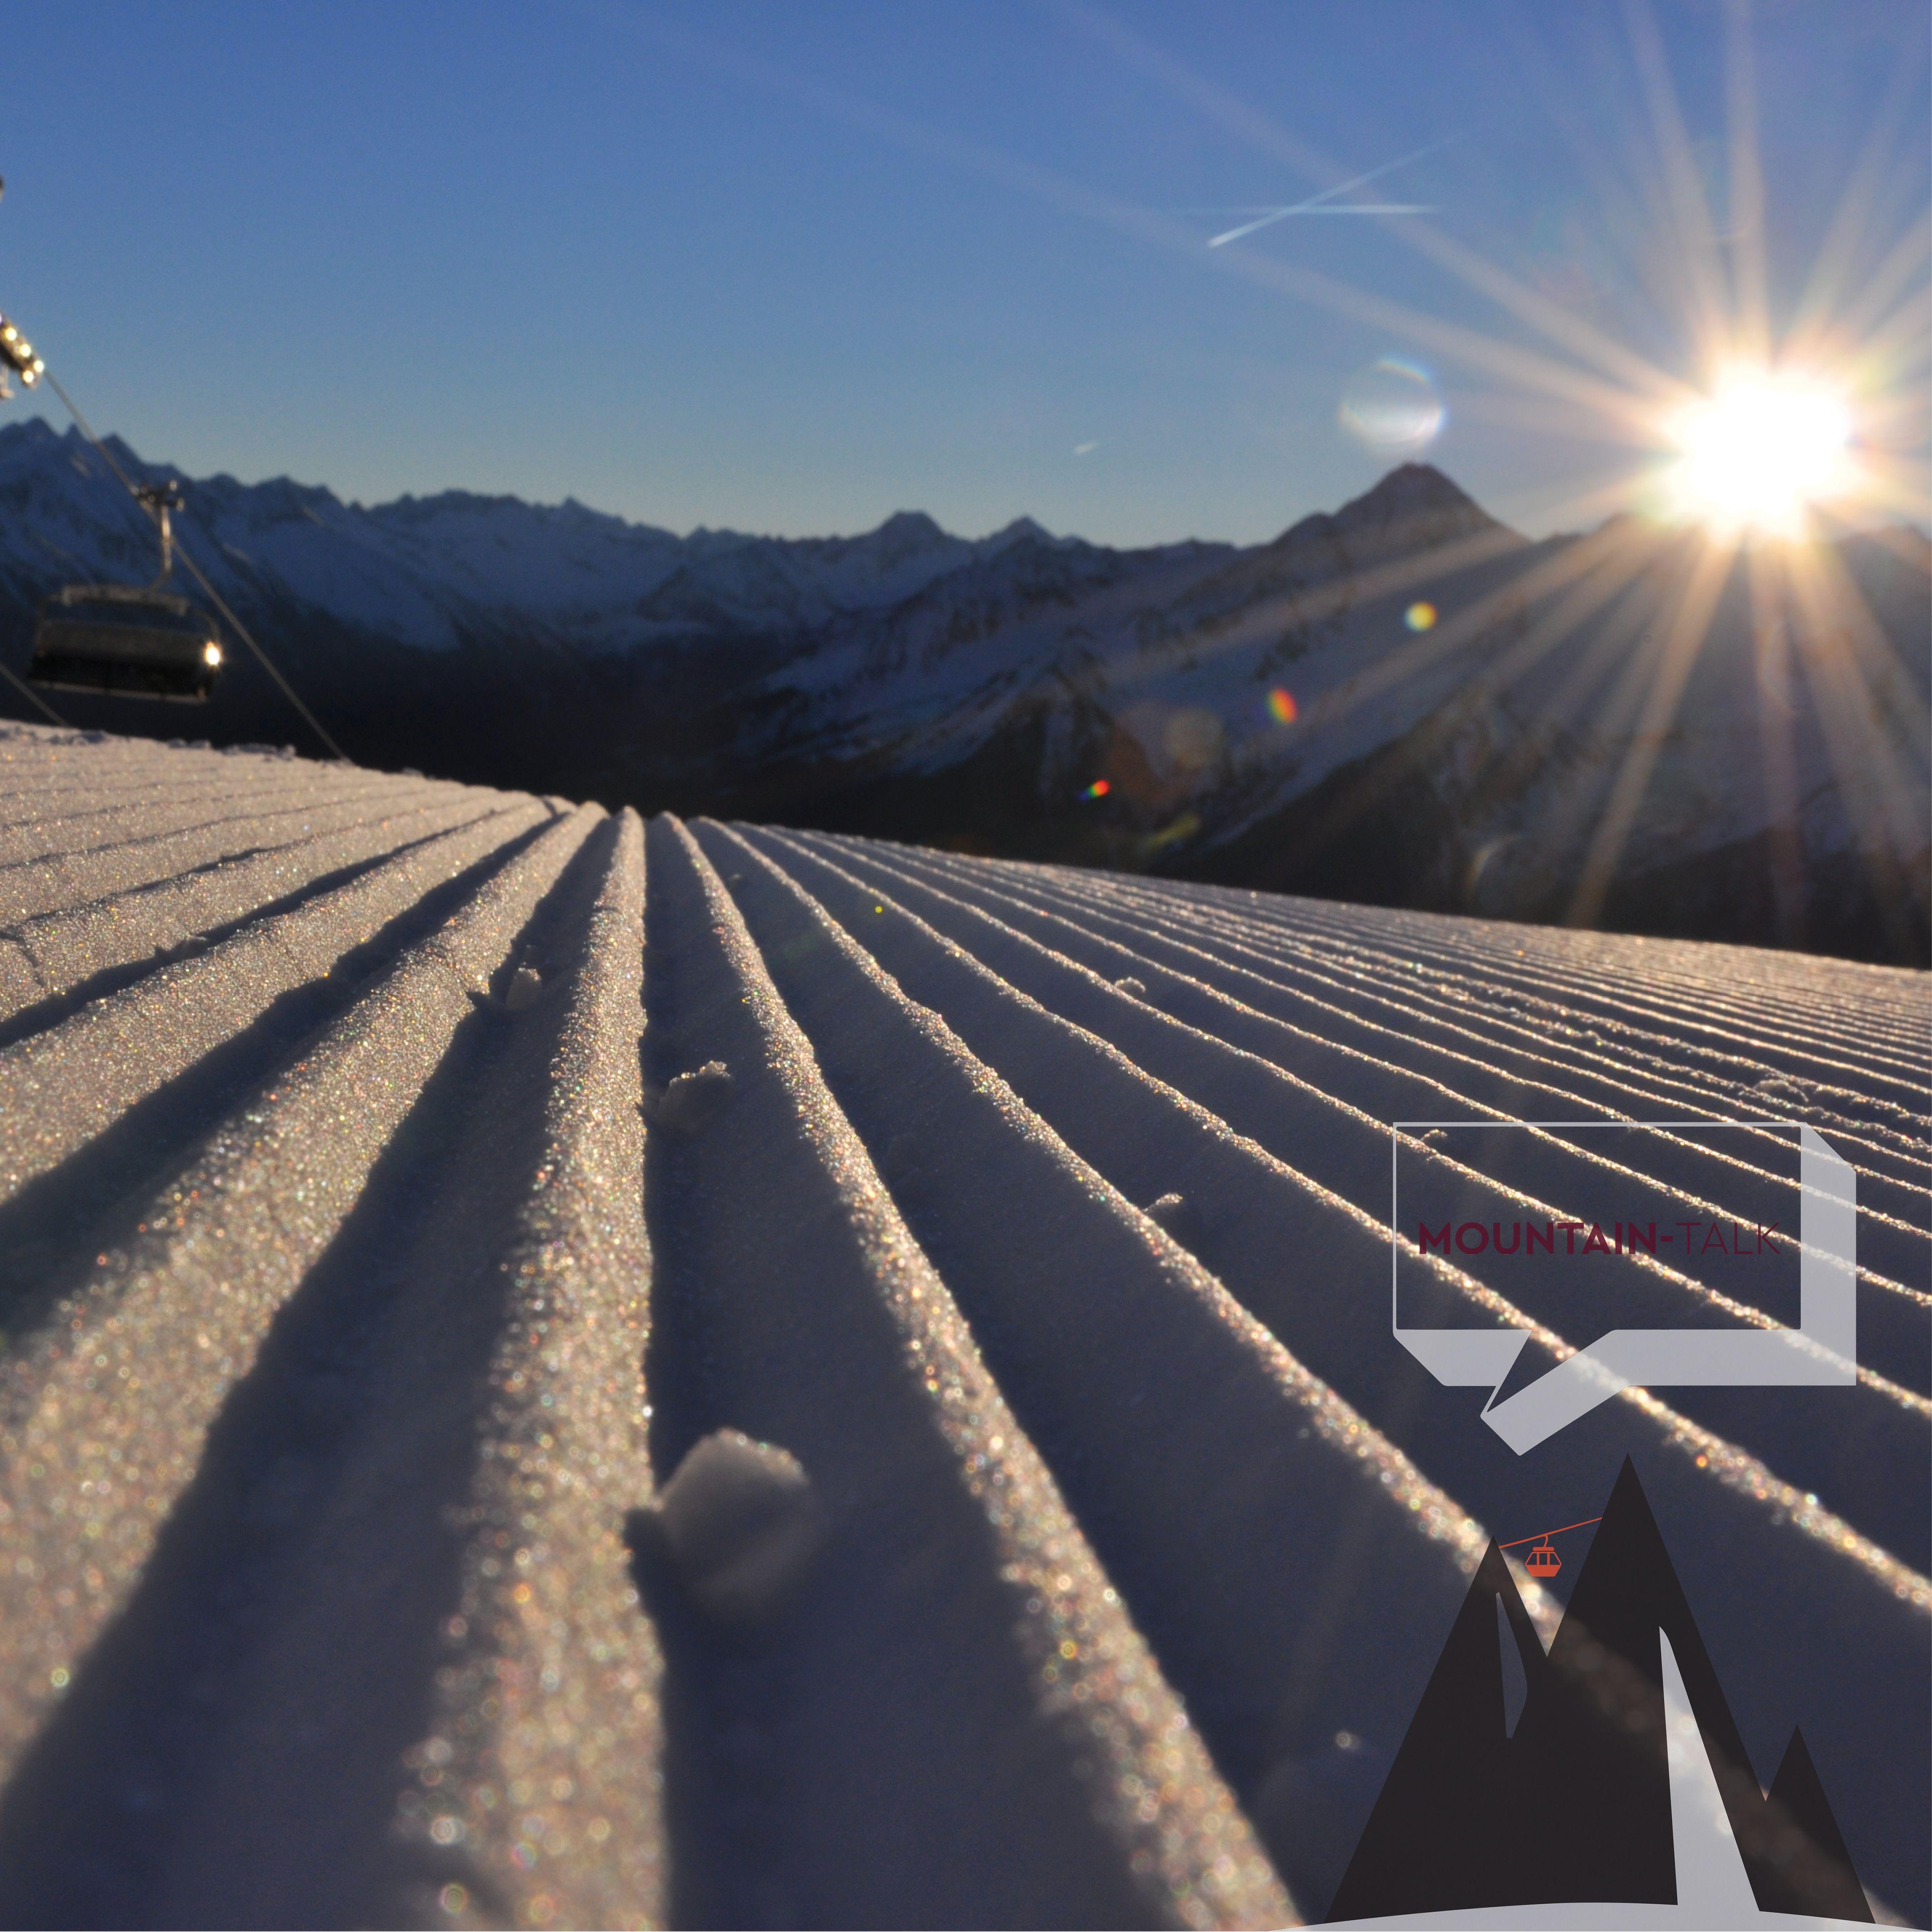 Noch schneit es leicht, doch im Laufe des Tages darf man so mancher Orts auf solch herrliches Skiwetter hoffen! ©Mayrhofner Bergbahnen #somussenbergesein #mountaintalk #potd #photooftheday